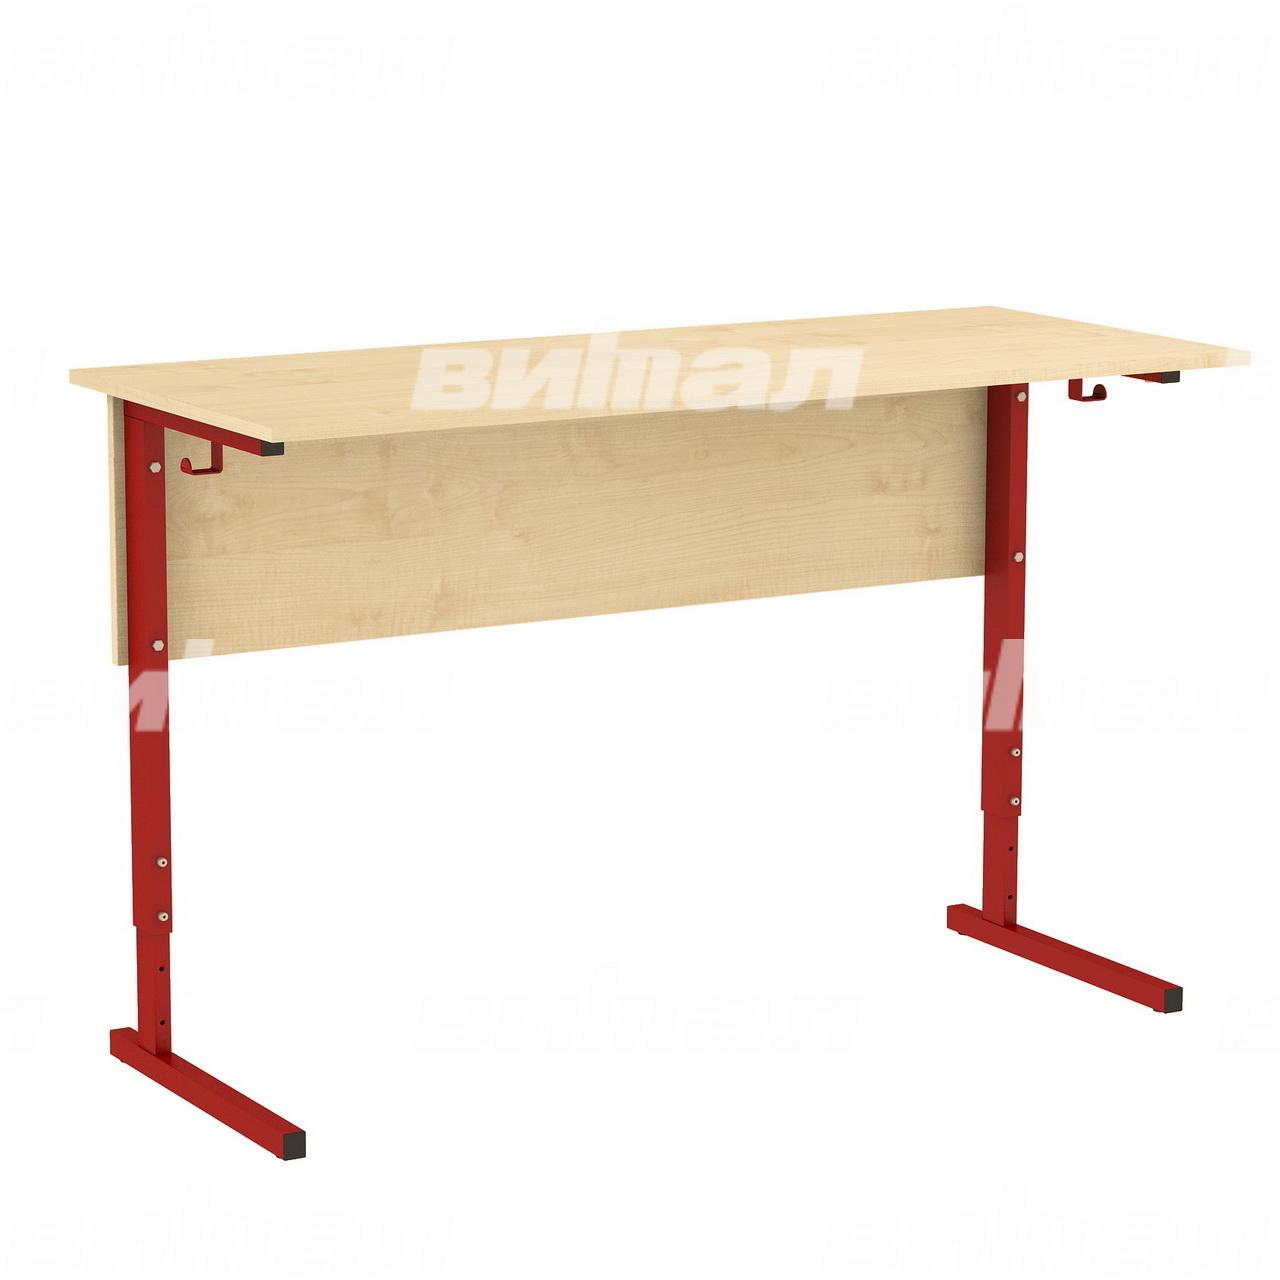 Стол ученический 2-местный регулируемый (гр. 2-4, 3-5 или 4-6) красный Клен 2-4 Меламин